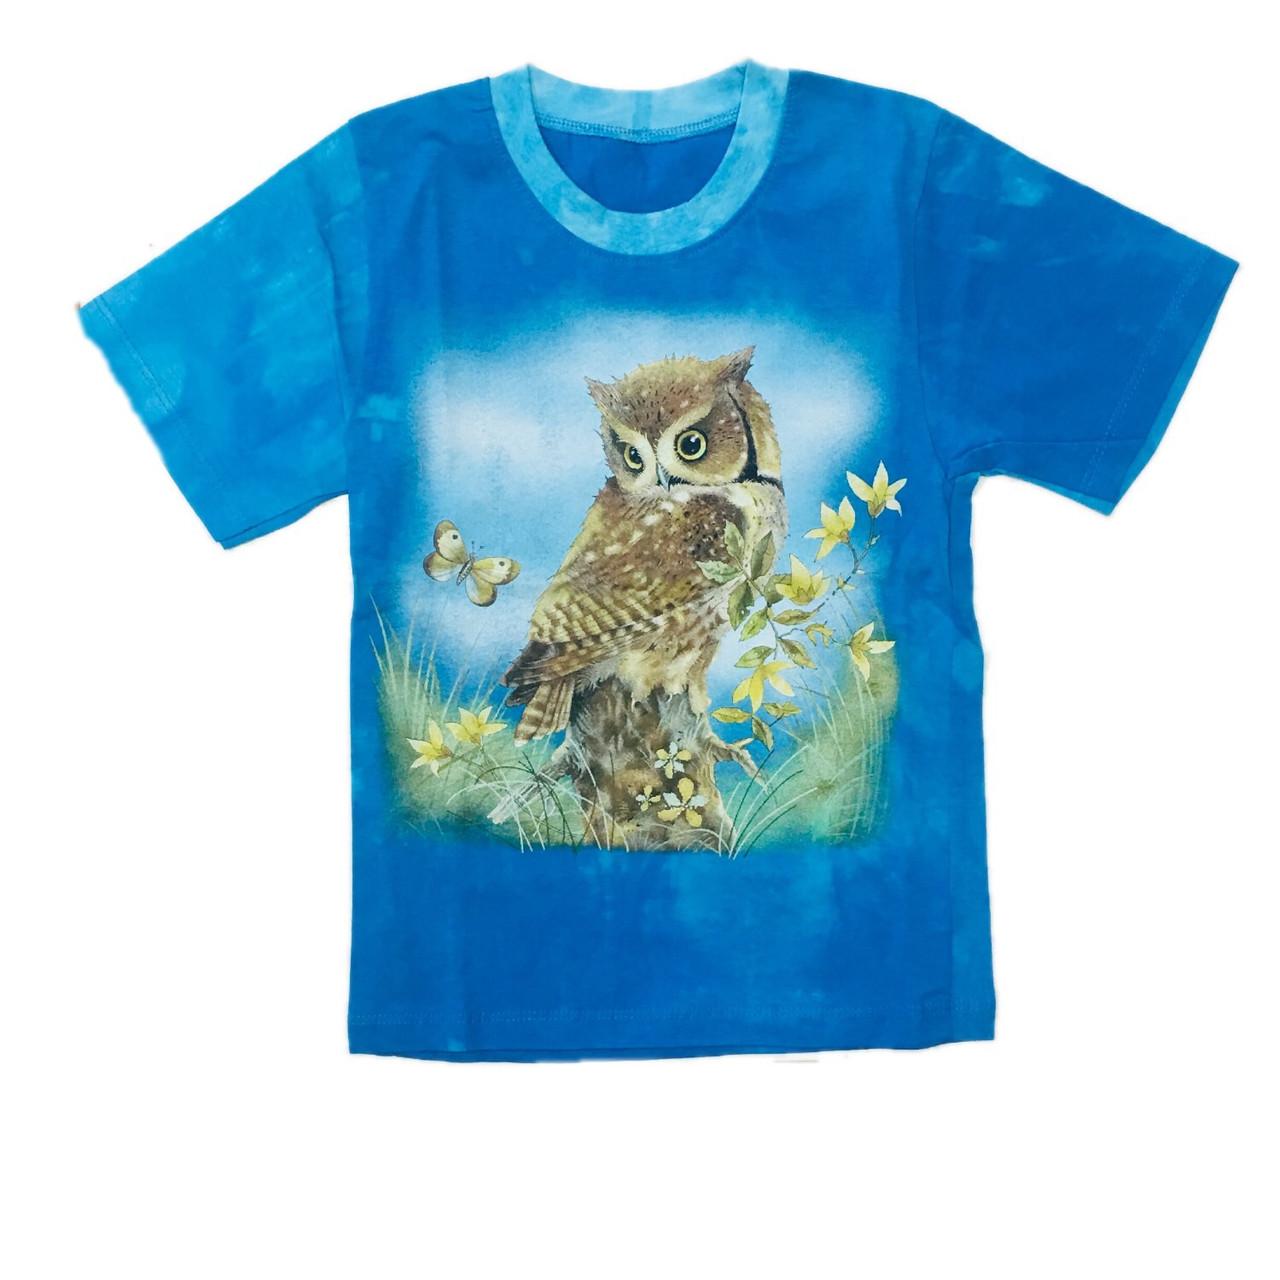 Детская футболка для девочки, 122см